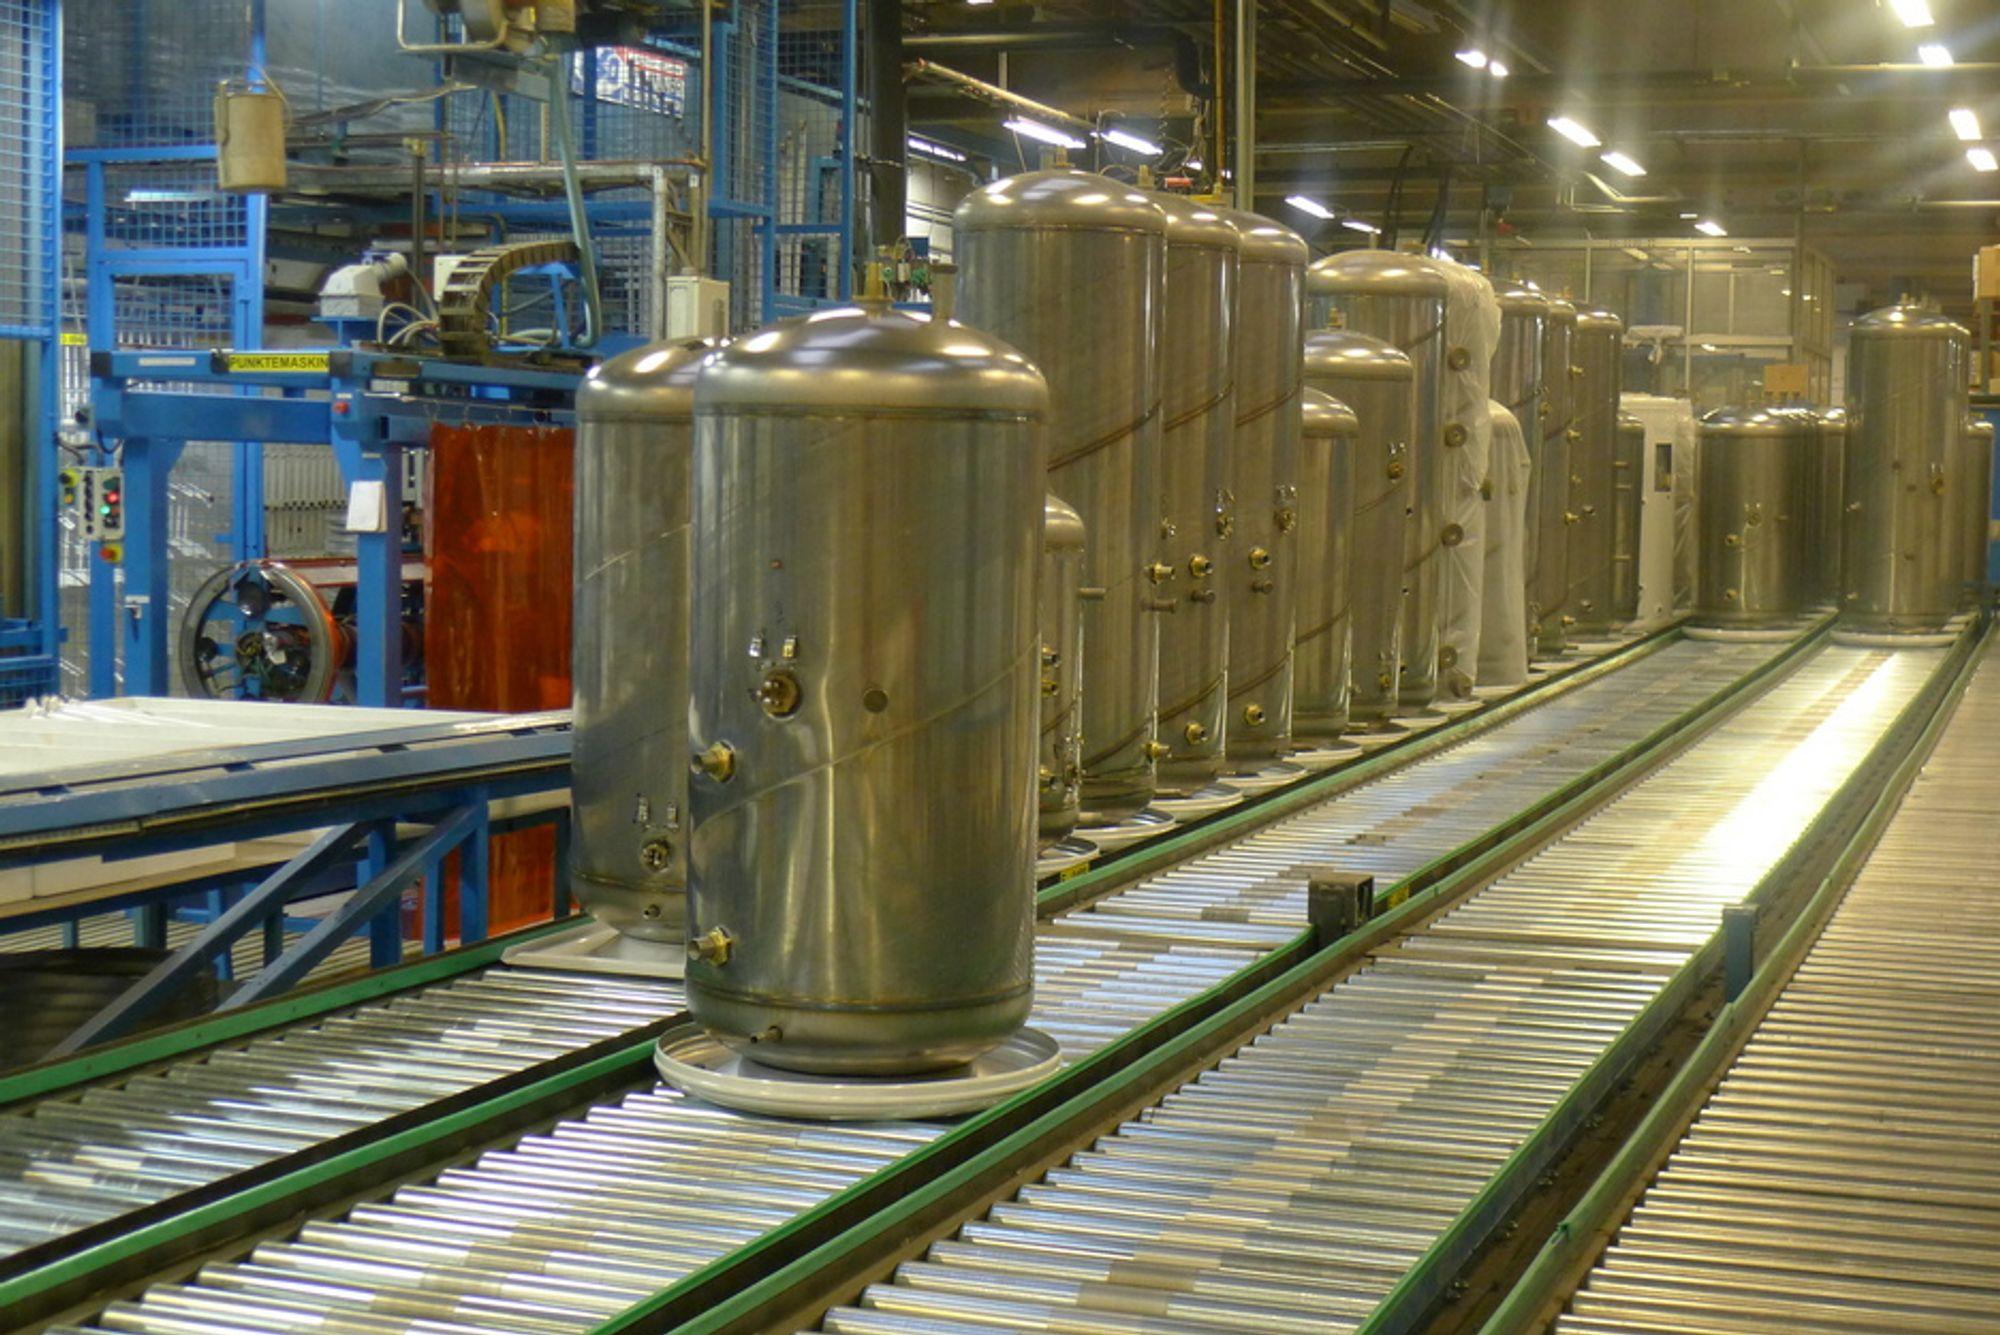 SNUR: Teknisk Ukeblad har tidligere skrevet om at EUs økodesigndirektiv kan føre til at vanlige varmtvannsberedere over 200 liter blir forbudt. Nå mener OED at EU har kommet på andre tanker.